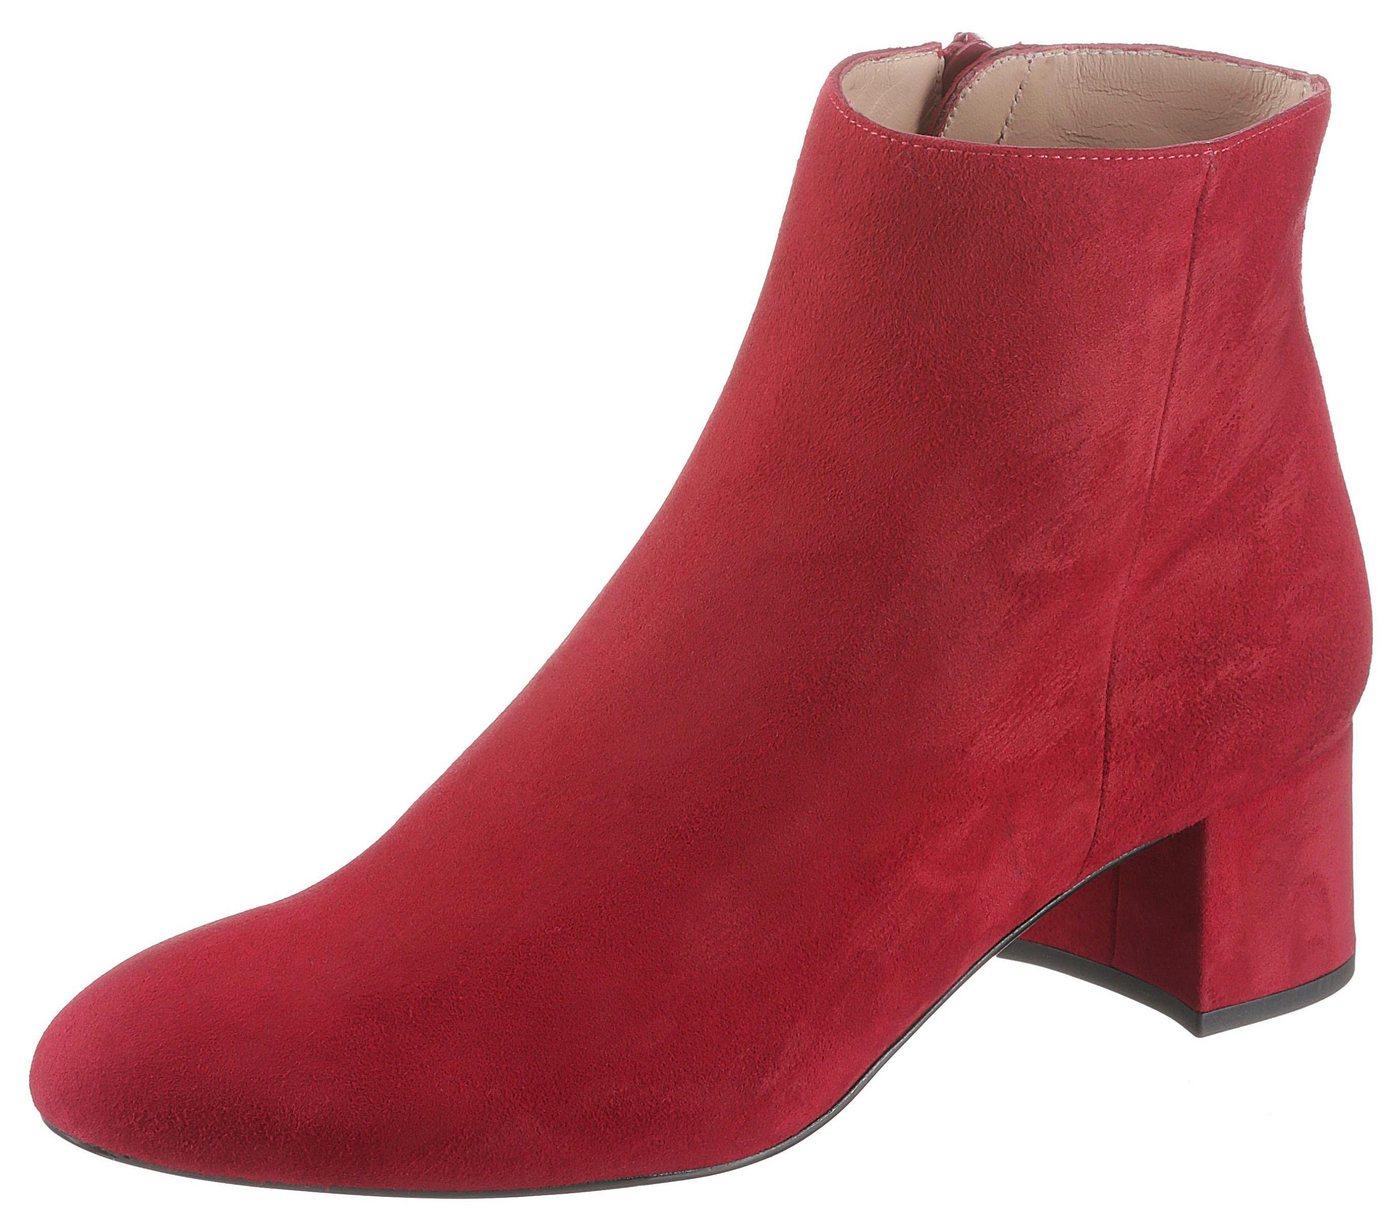 unisa -  »Levi« Ankleboots im schlichten Look